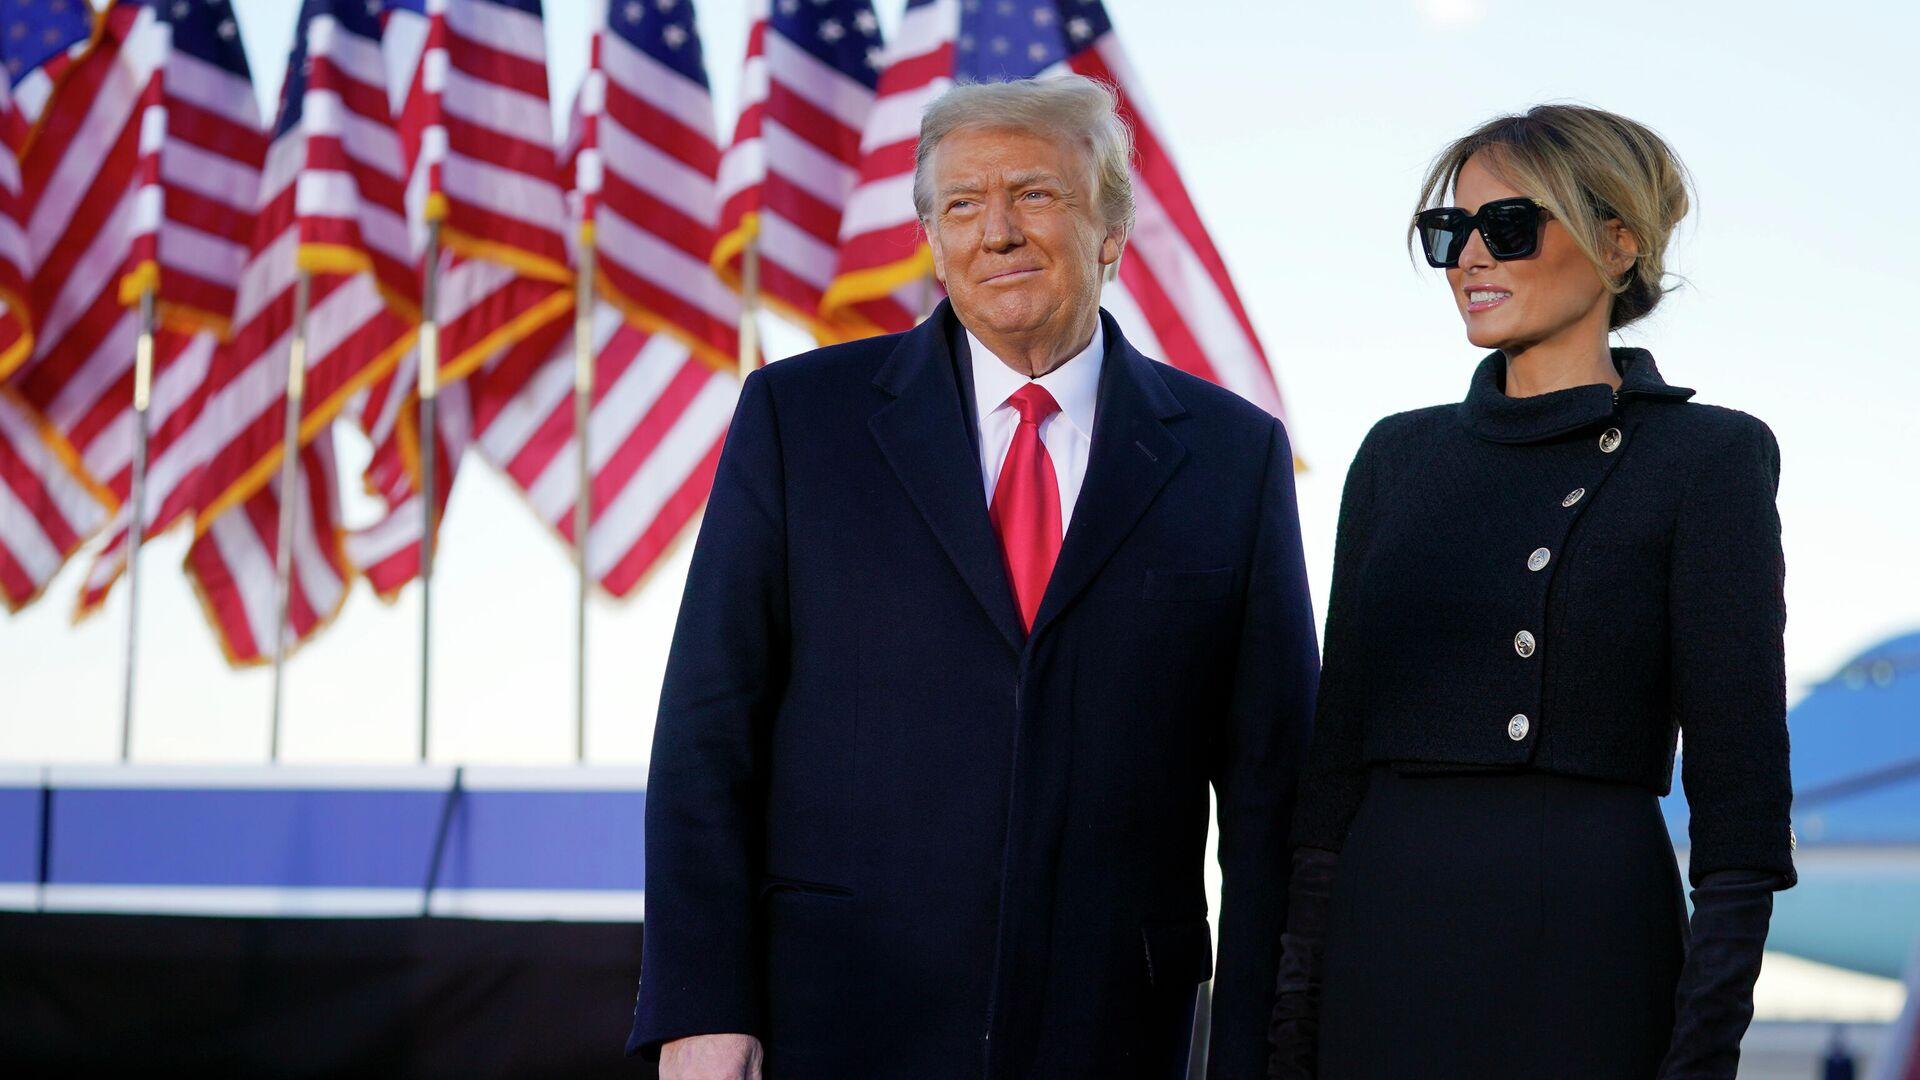 Президент США Дональд Трамп и первая леди Мелания Трамп во время выступления на базе Эндрюс, штат Мэриленд - РИА Новости, 1920, 20.01.2021